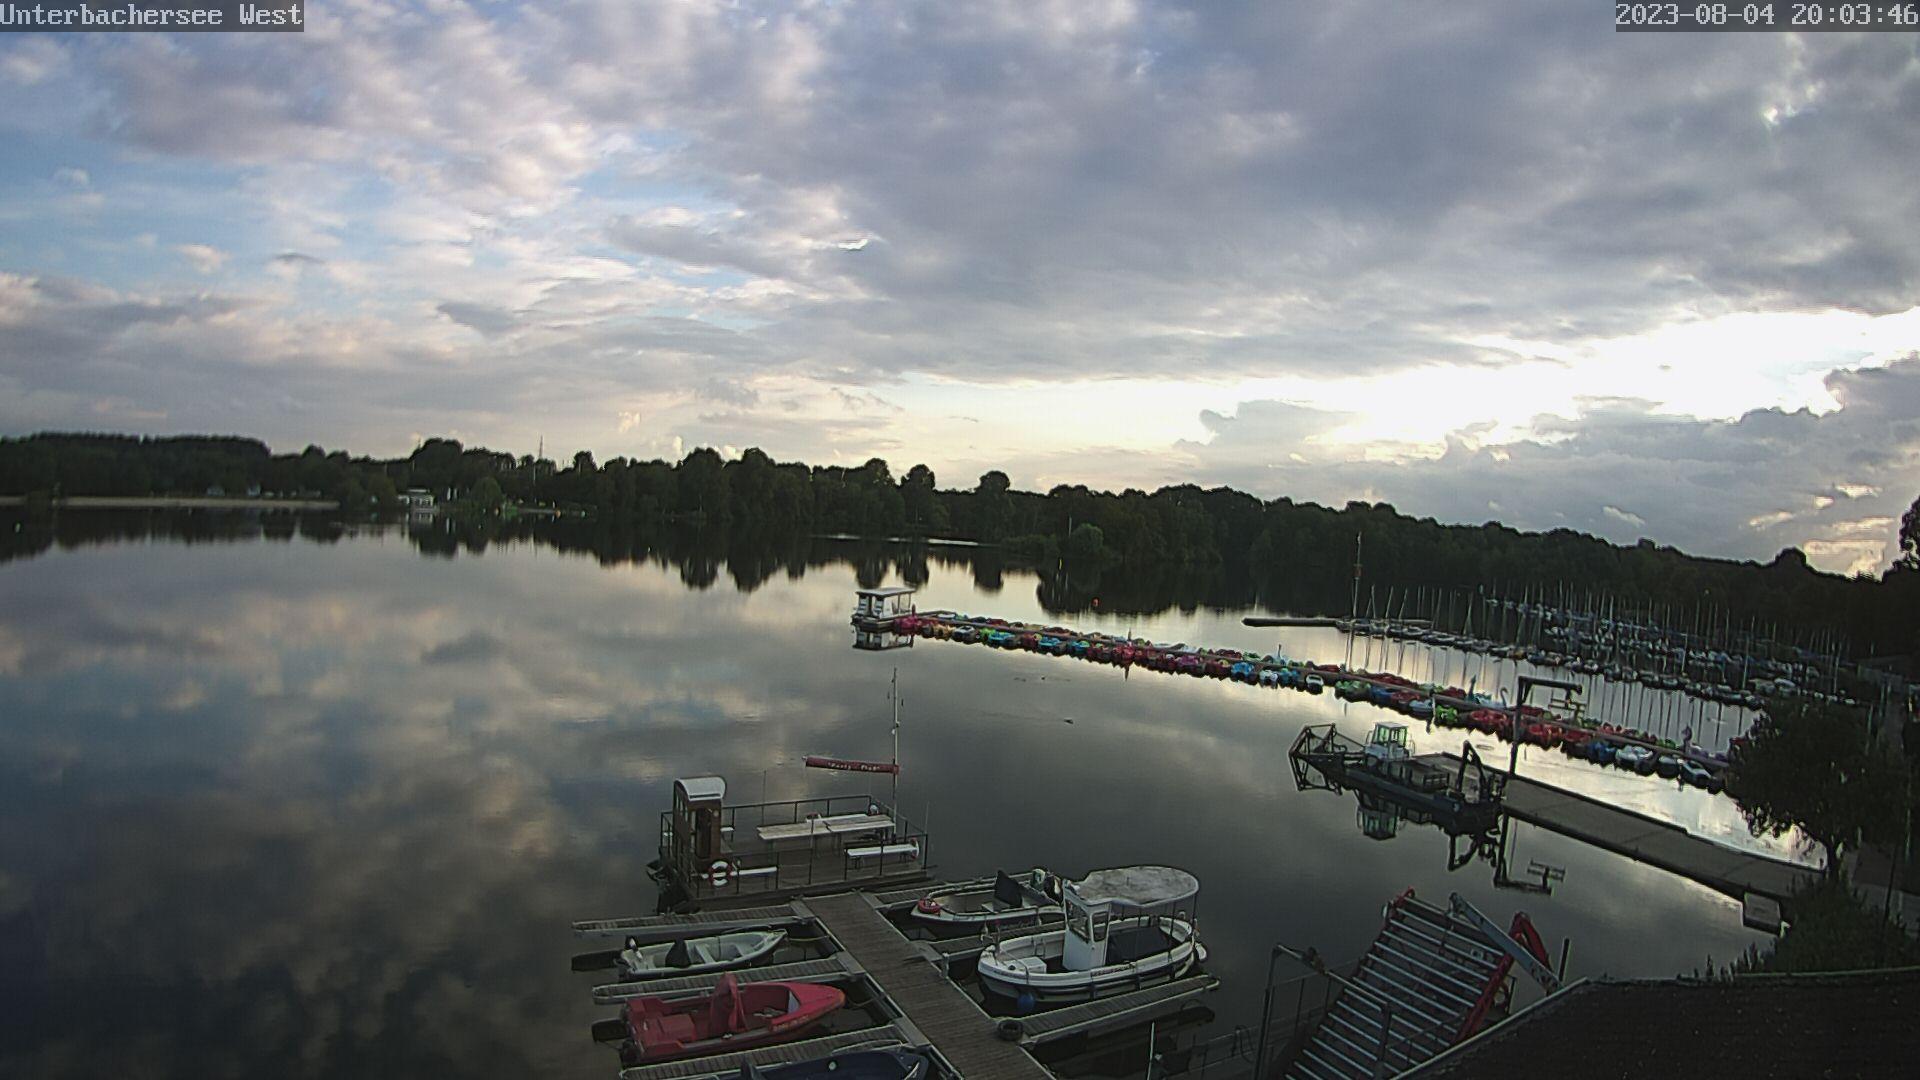 Unterbacher See Hafen